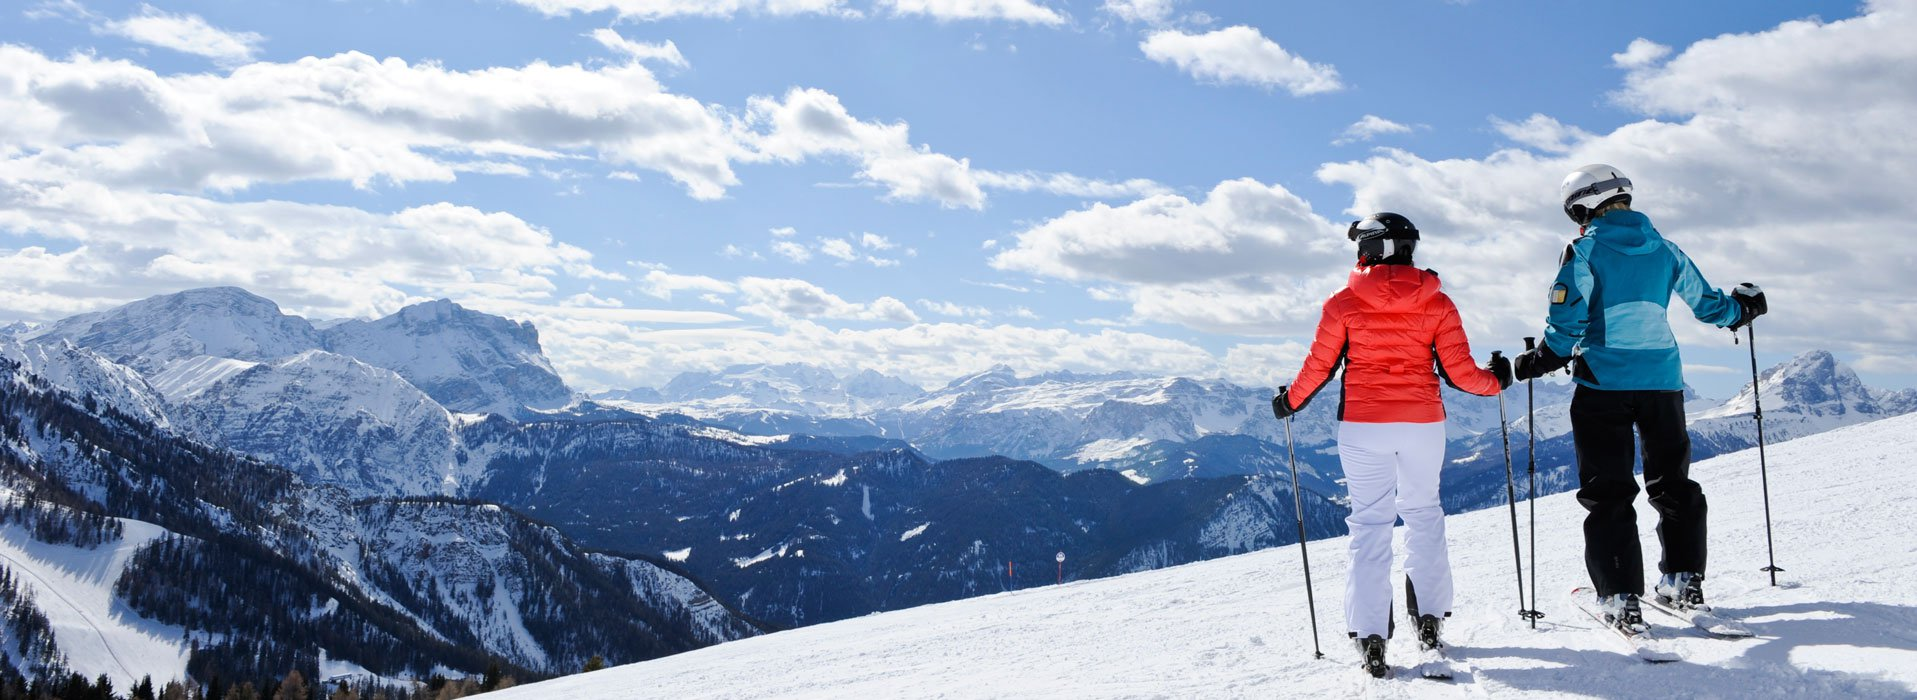 skiurlaub-kronplatz-03